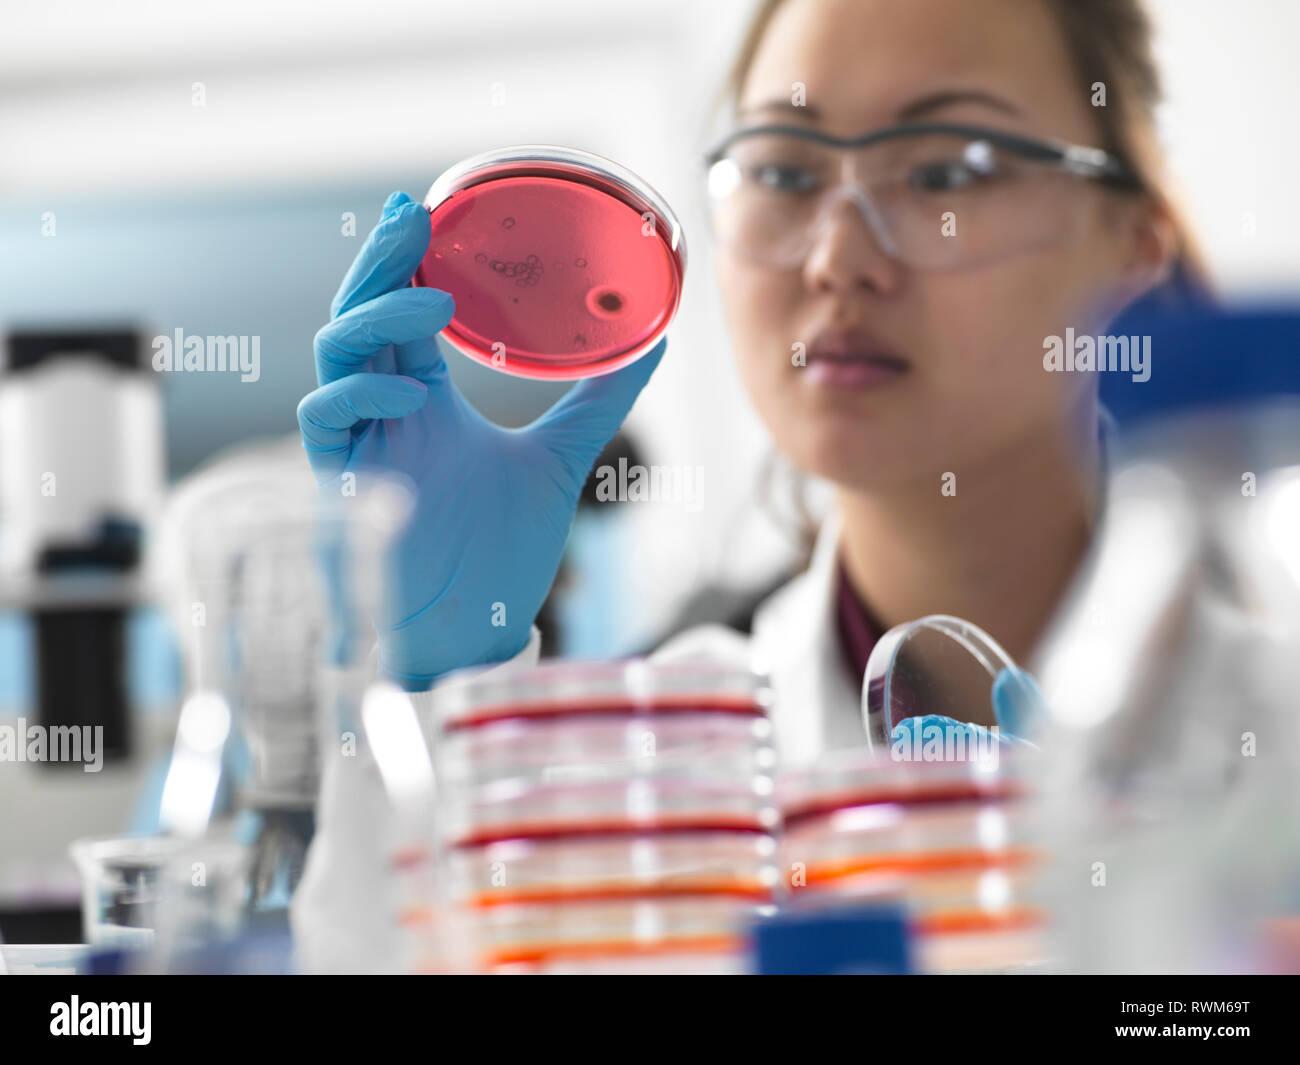 Wissenschaftler untersuchen die Mikrobiologische Kulturen in Petrischalen in Labor Stockfoto